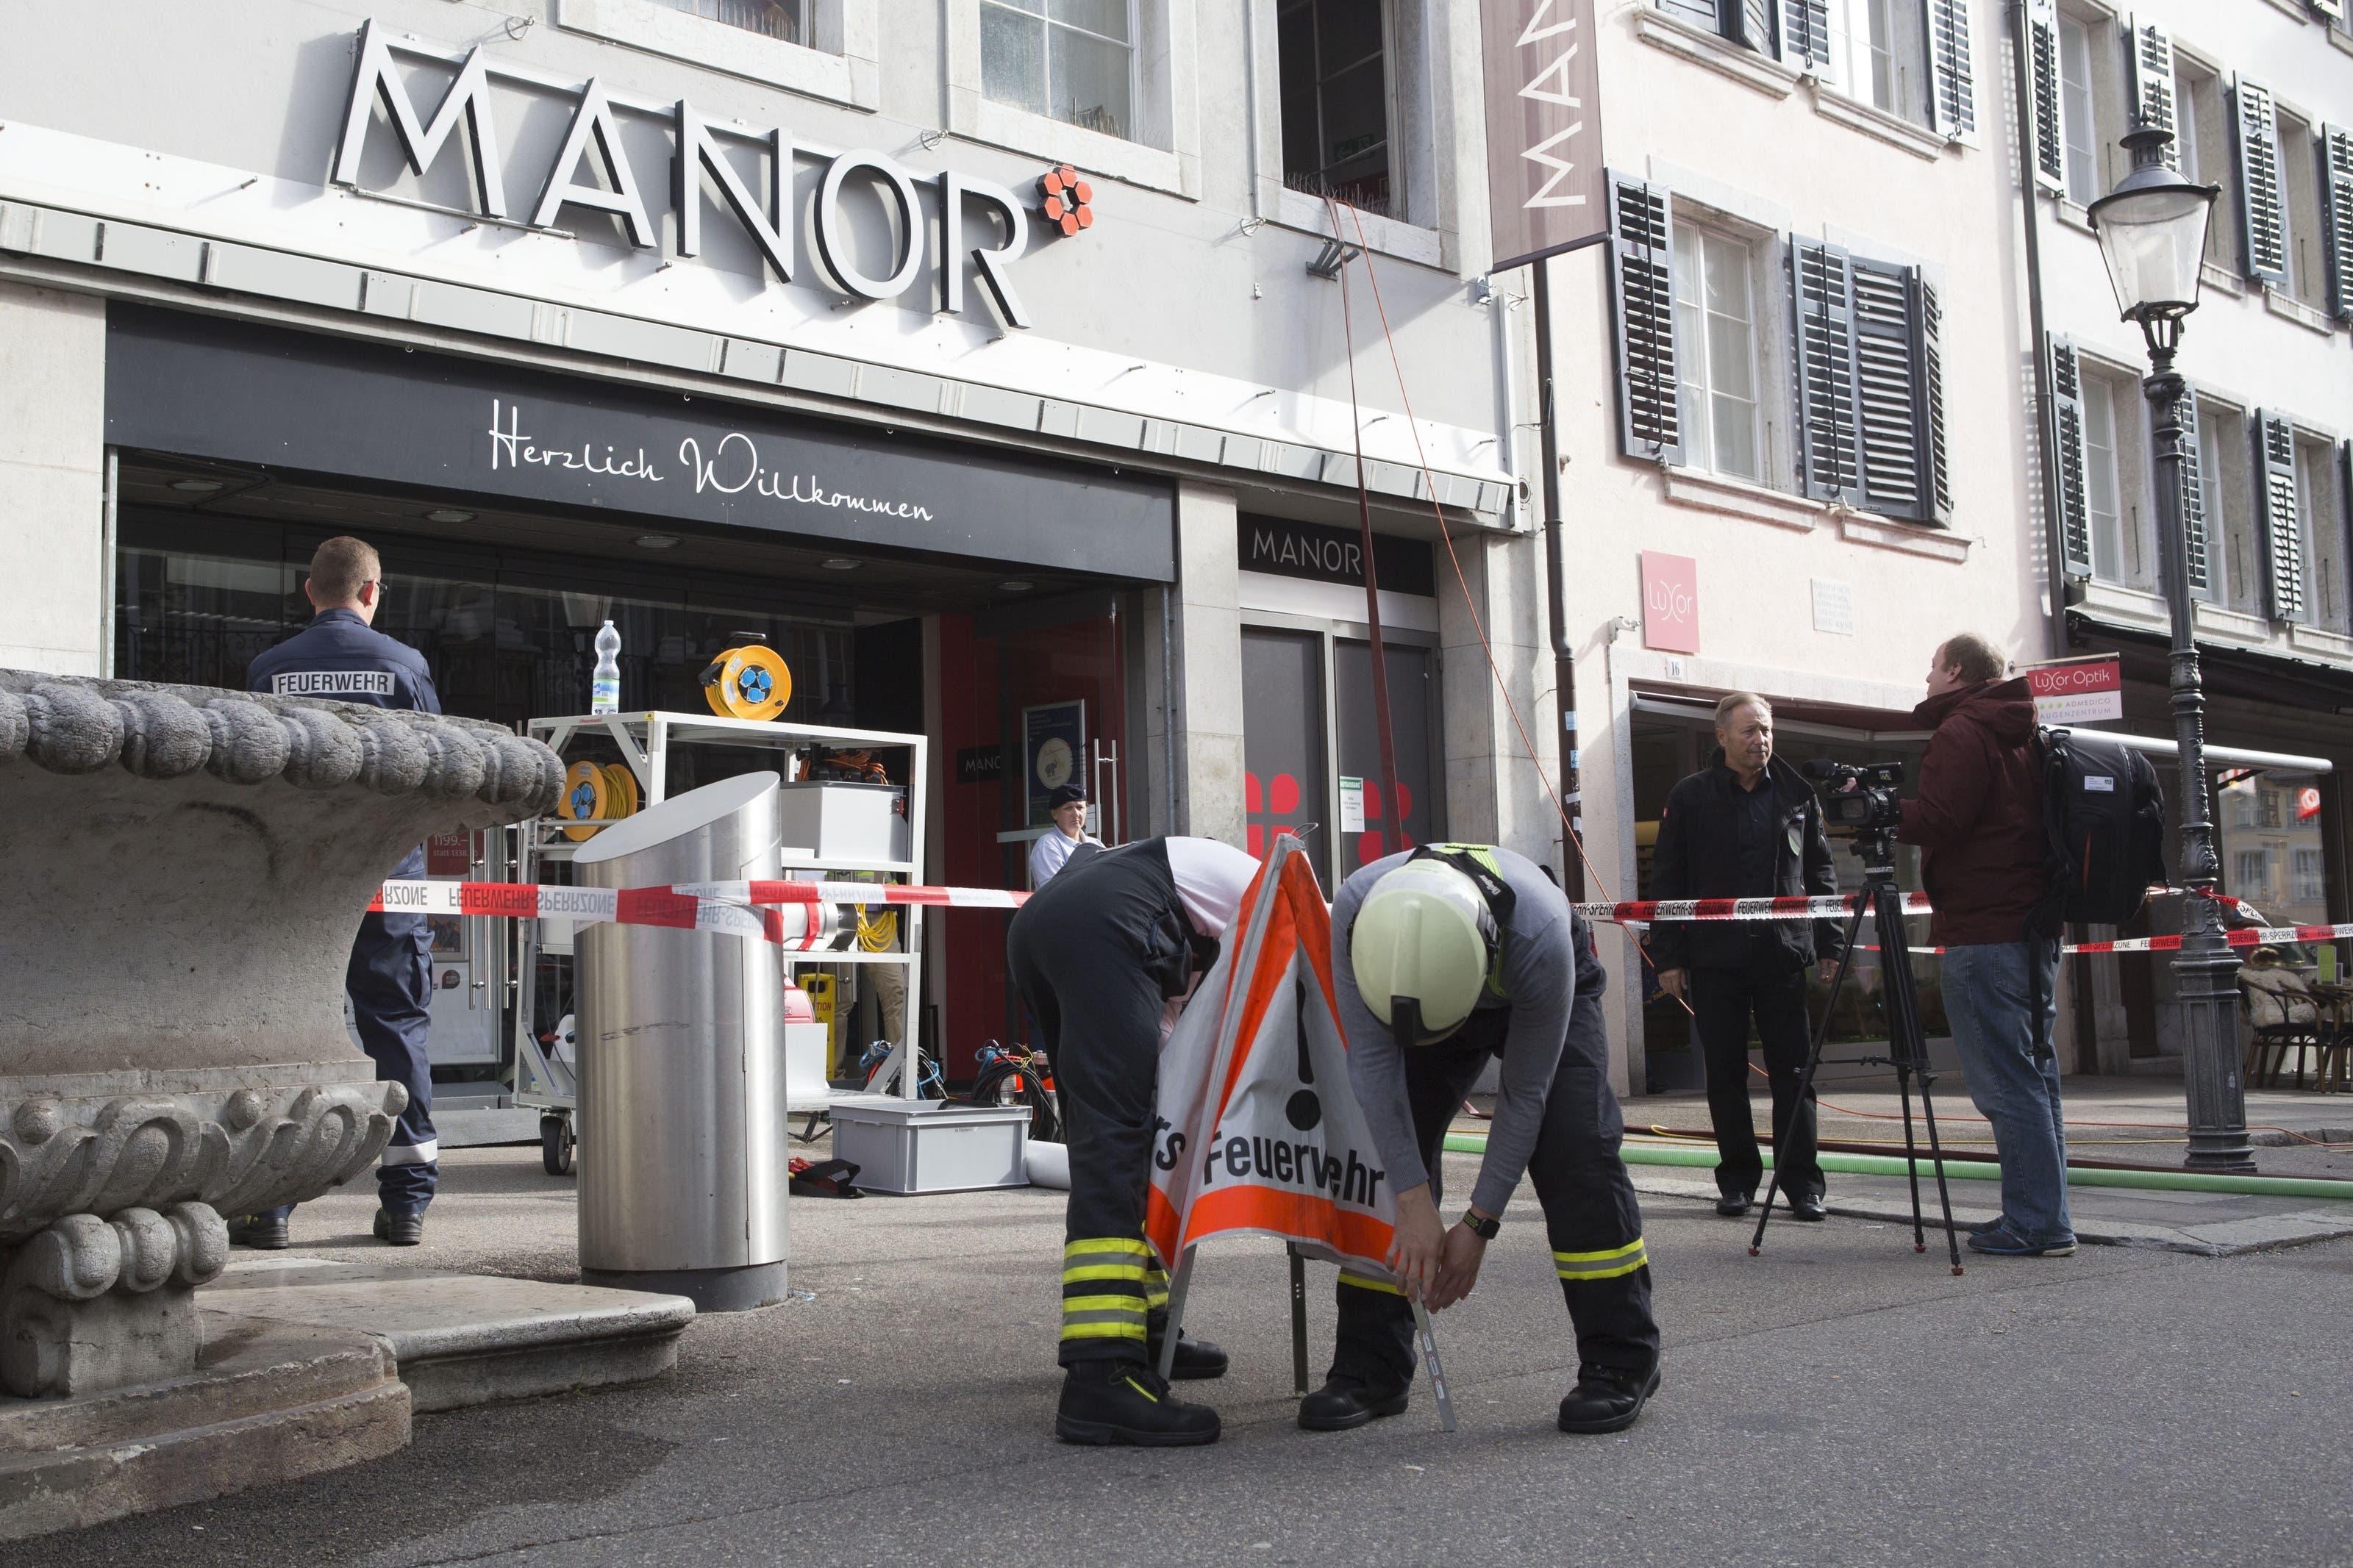 16 Mitglieder der Feuerwehr Stadt Solothurn sind am Montagmorgen im Manor an der Gurzelngasse im Einsatz.